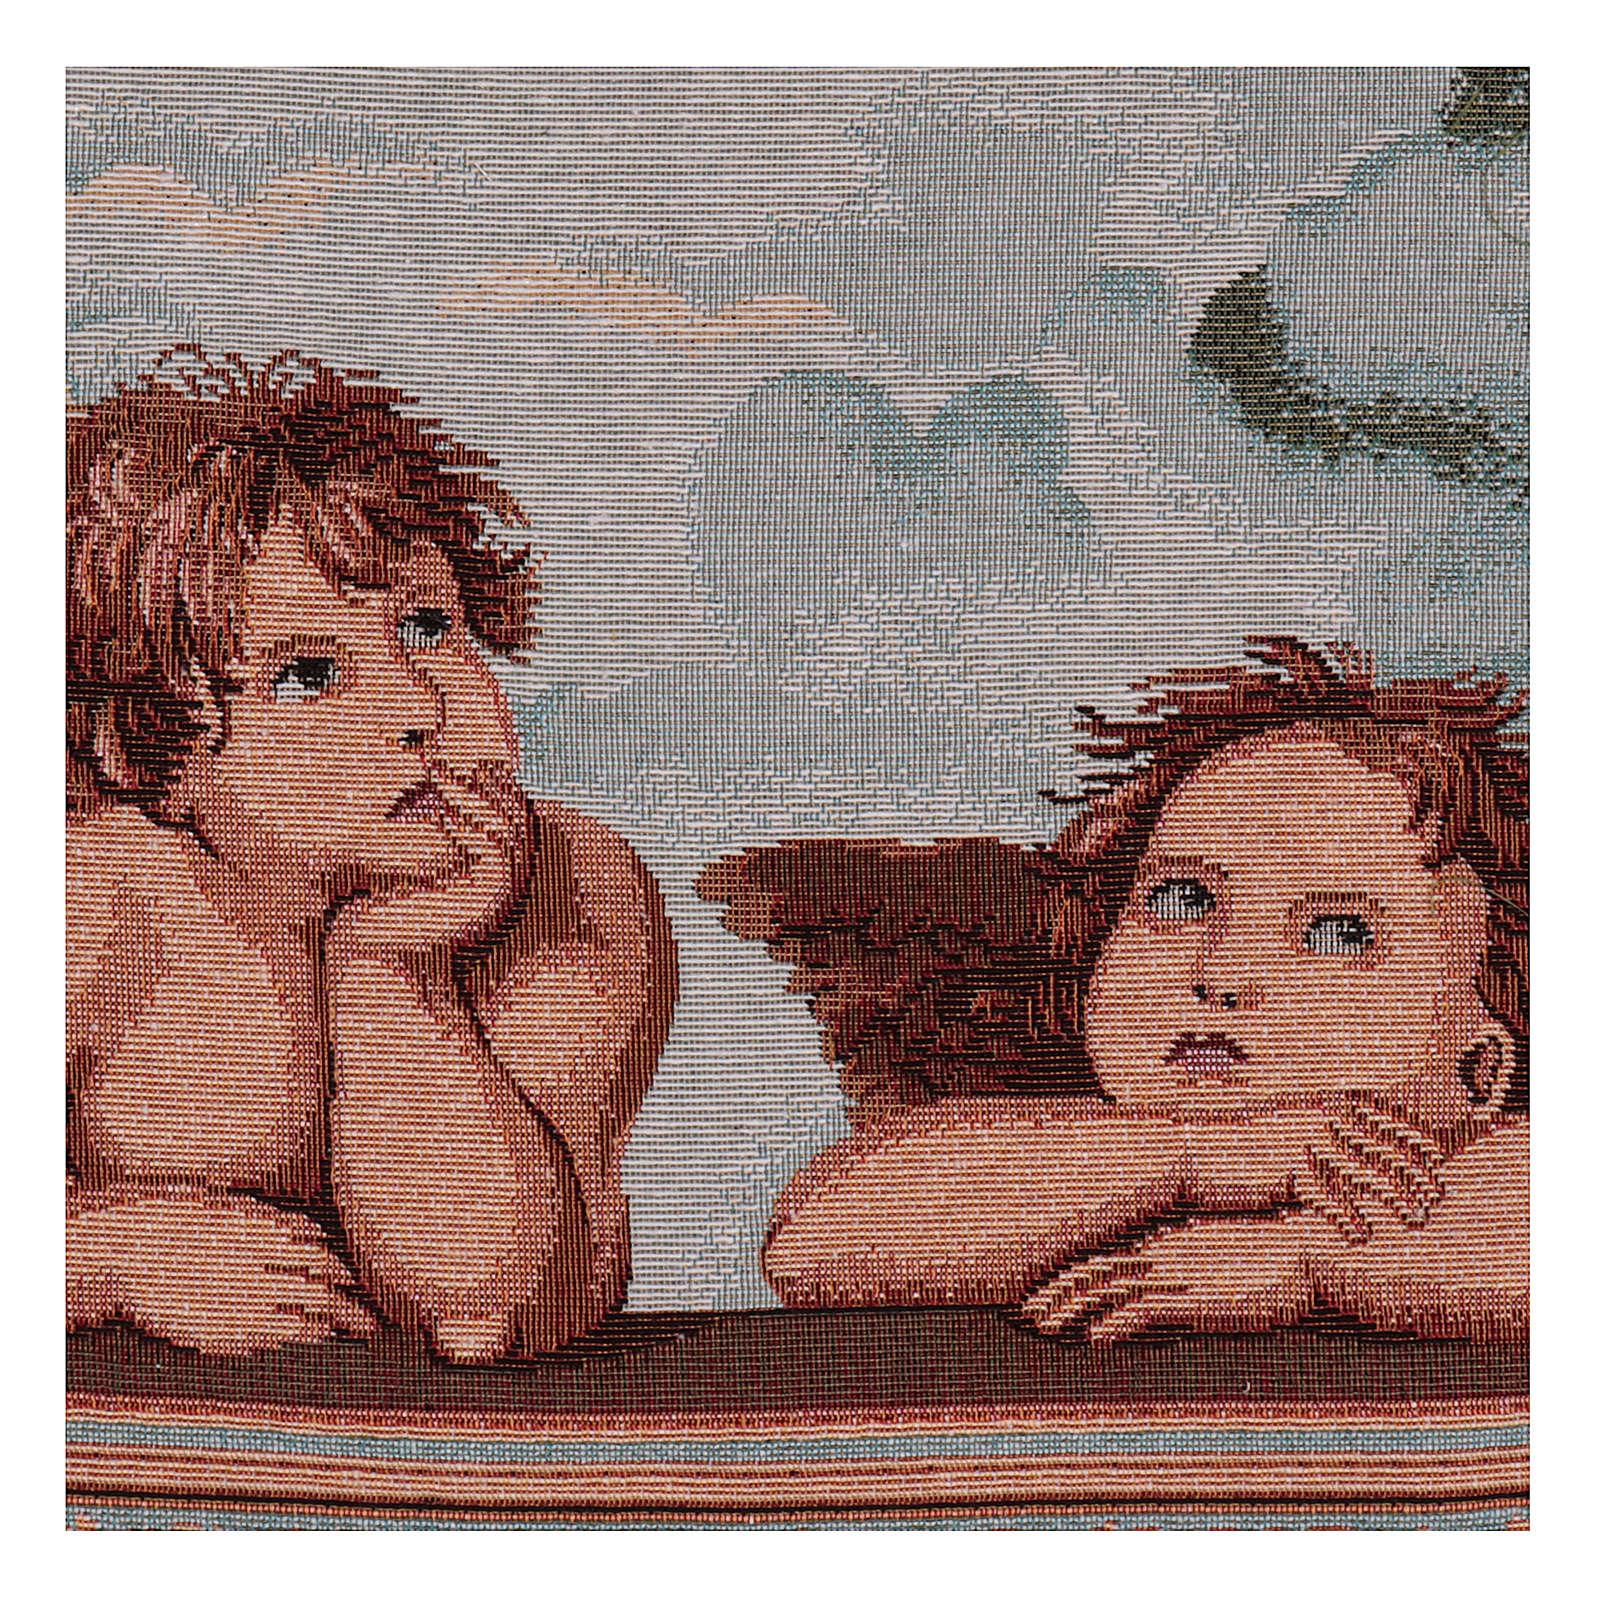 Tapisserie Anges de Raphaël 30x40 cm 3